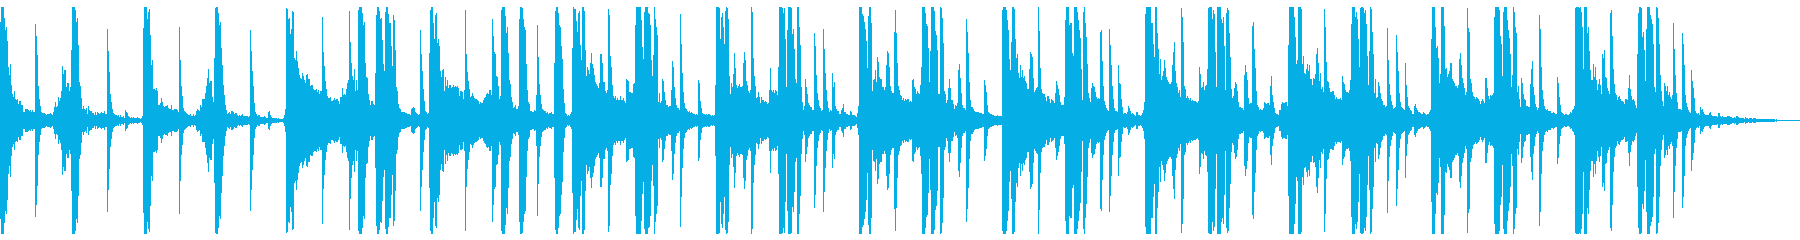 幻想的でソウルフルなビートの再生済みの波形